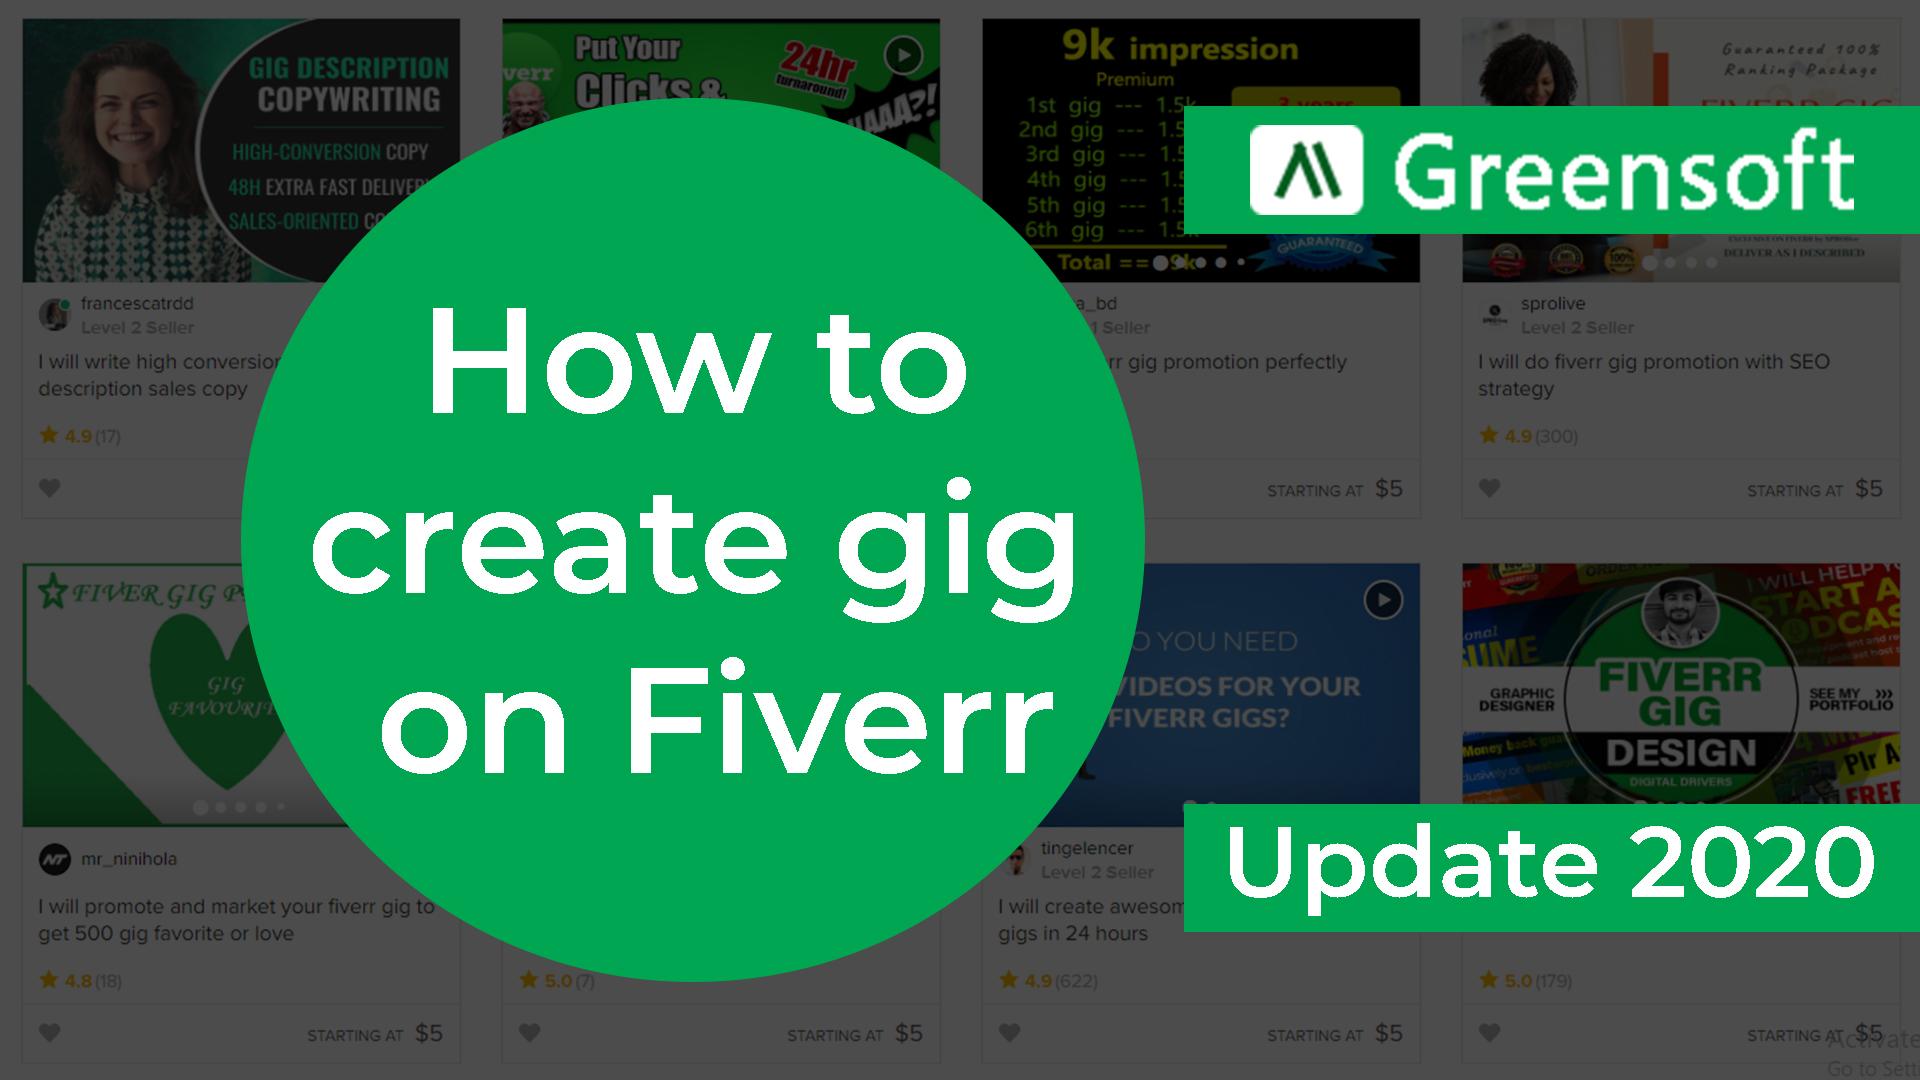 How to create a gig on Fiverr, greensoft dhaka